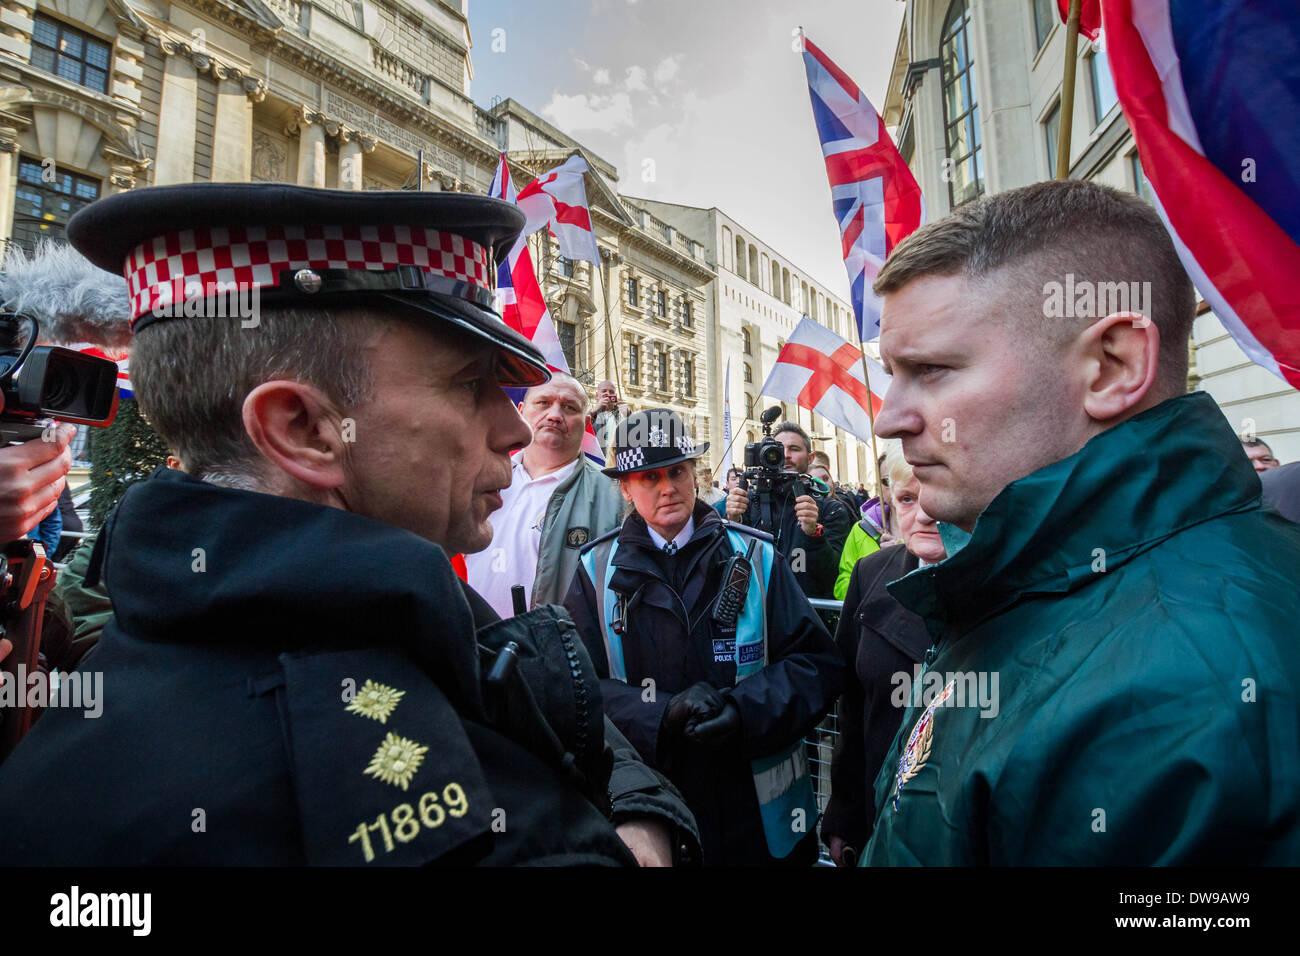 Paul Golding Vorsitzender der Britain First rechtsextremen Fraktion vor Gericht Old Bailey in London. Stockbild